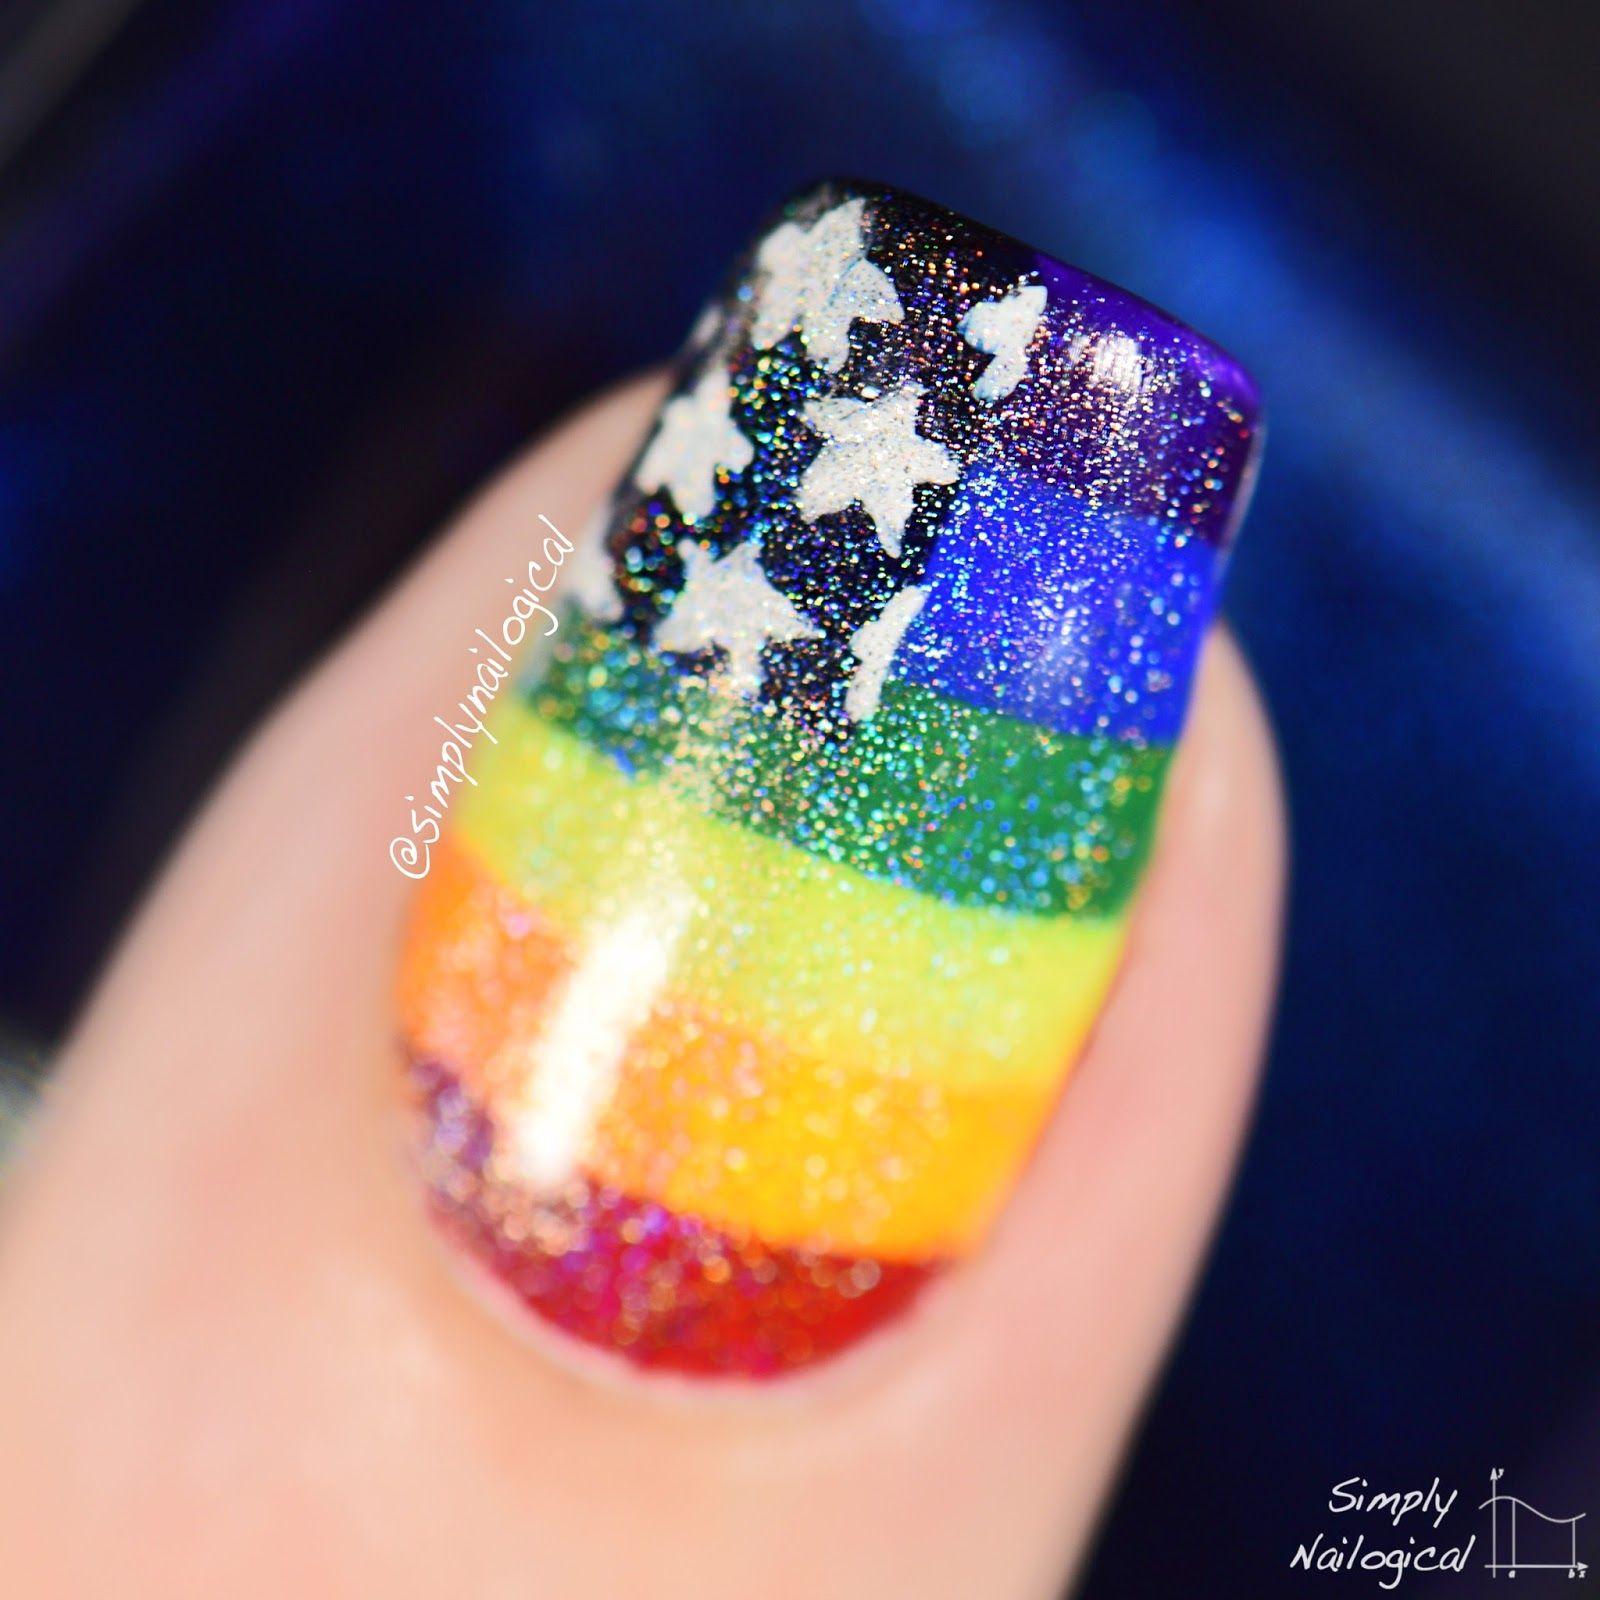 Simply Nailogical Nail Art: Simply Nailogical: Gay American Pride Flag Nails